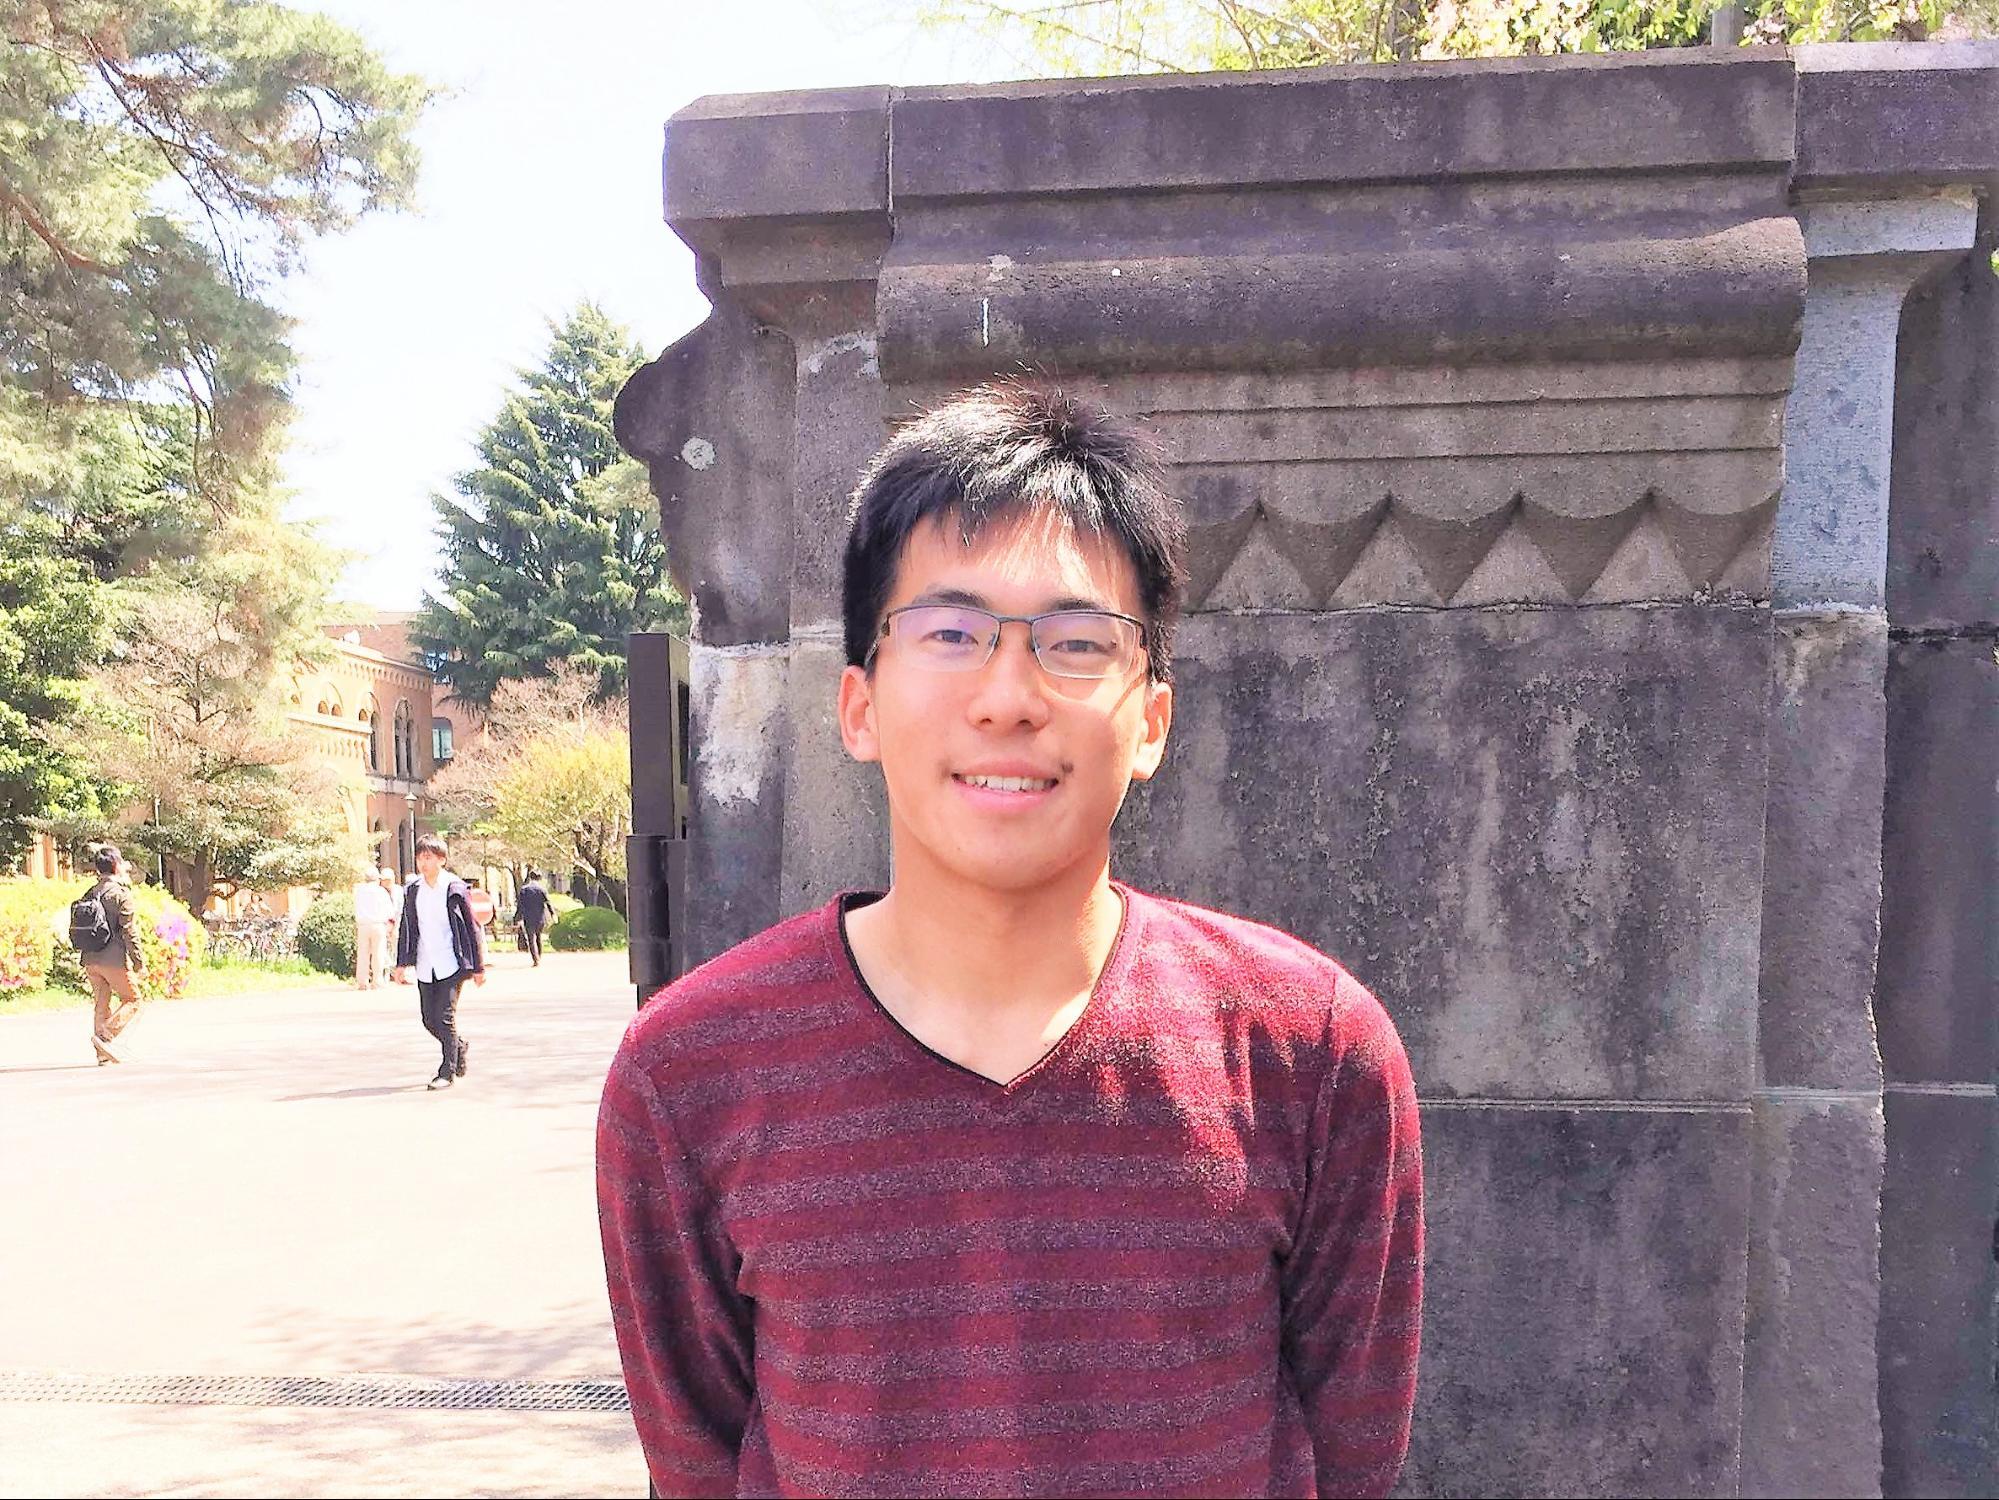 一橋大学社会学部2年生 渋谷教育学園渋谷中学高等学校2015年卒 武本真司さん